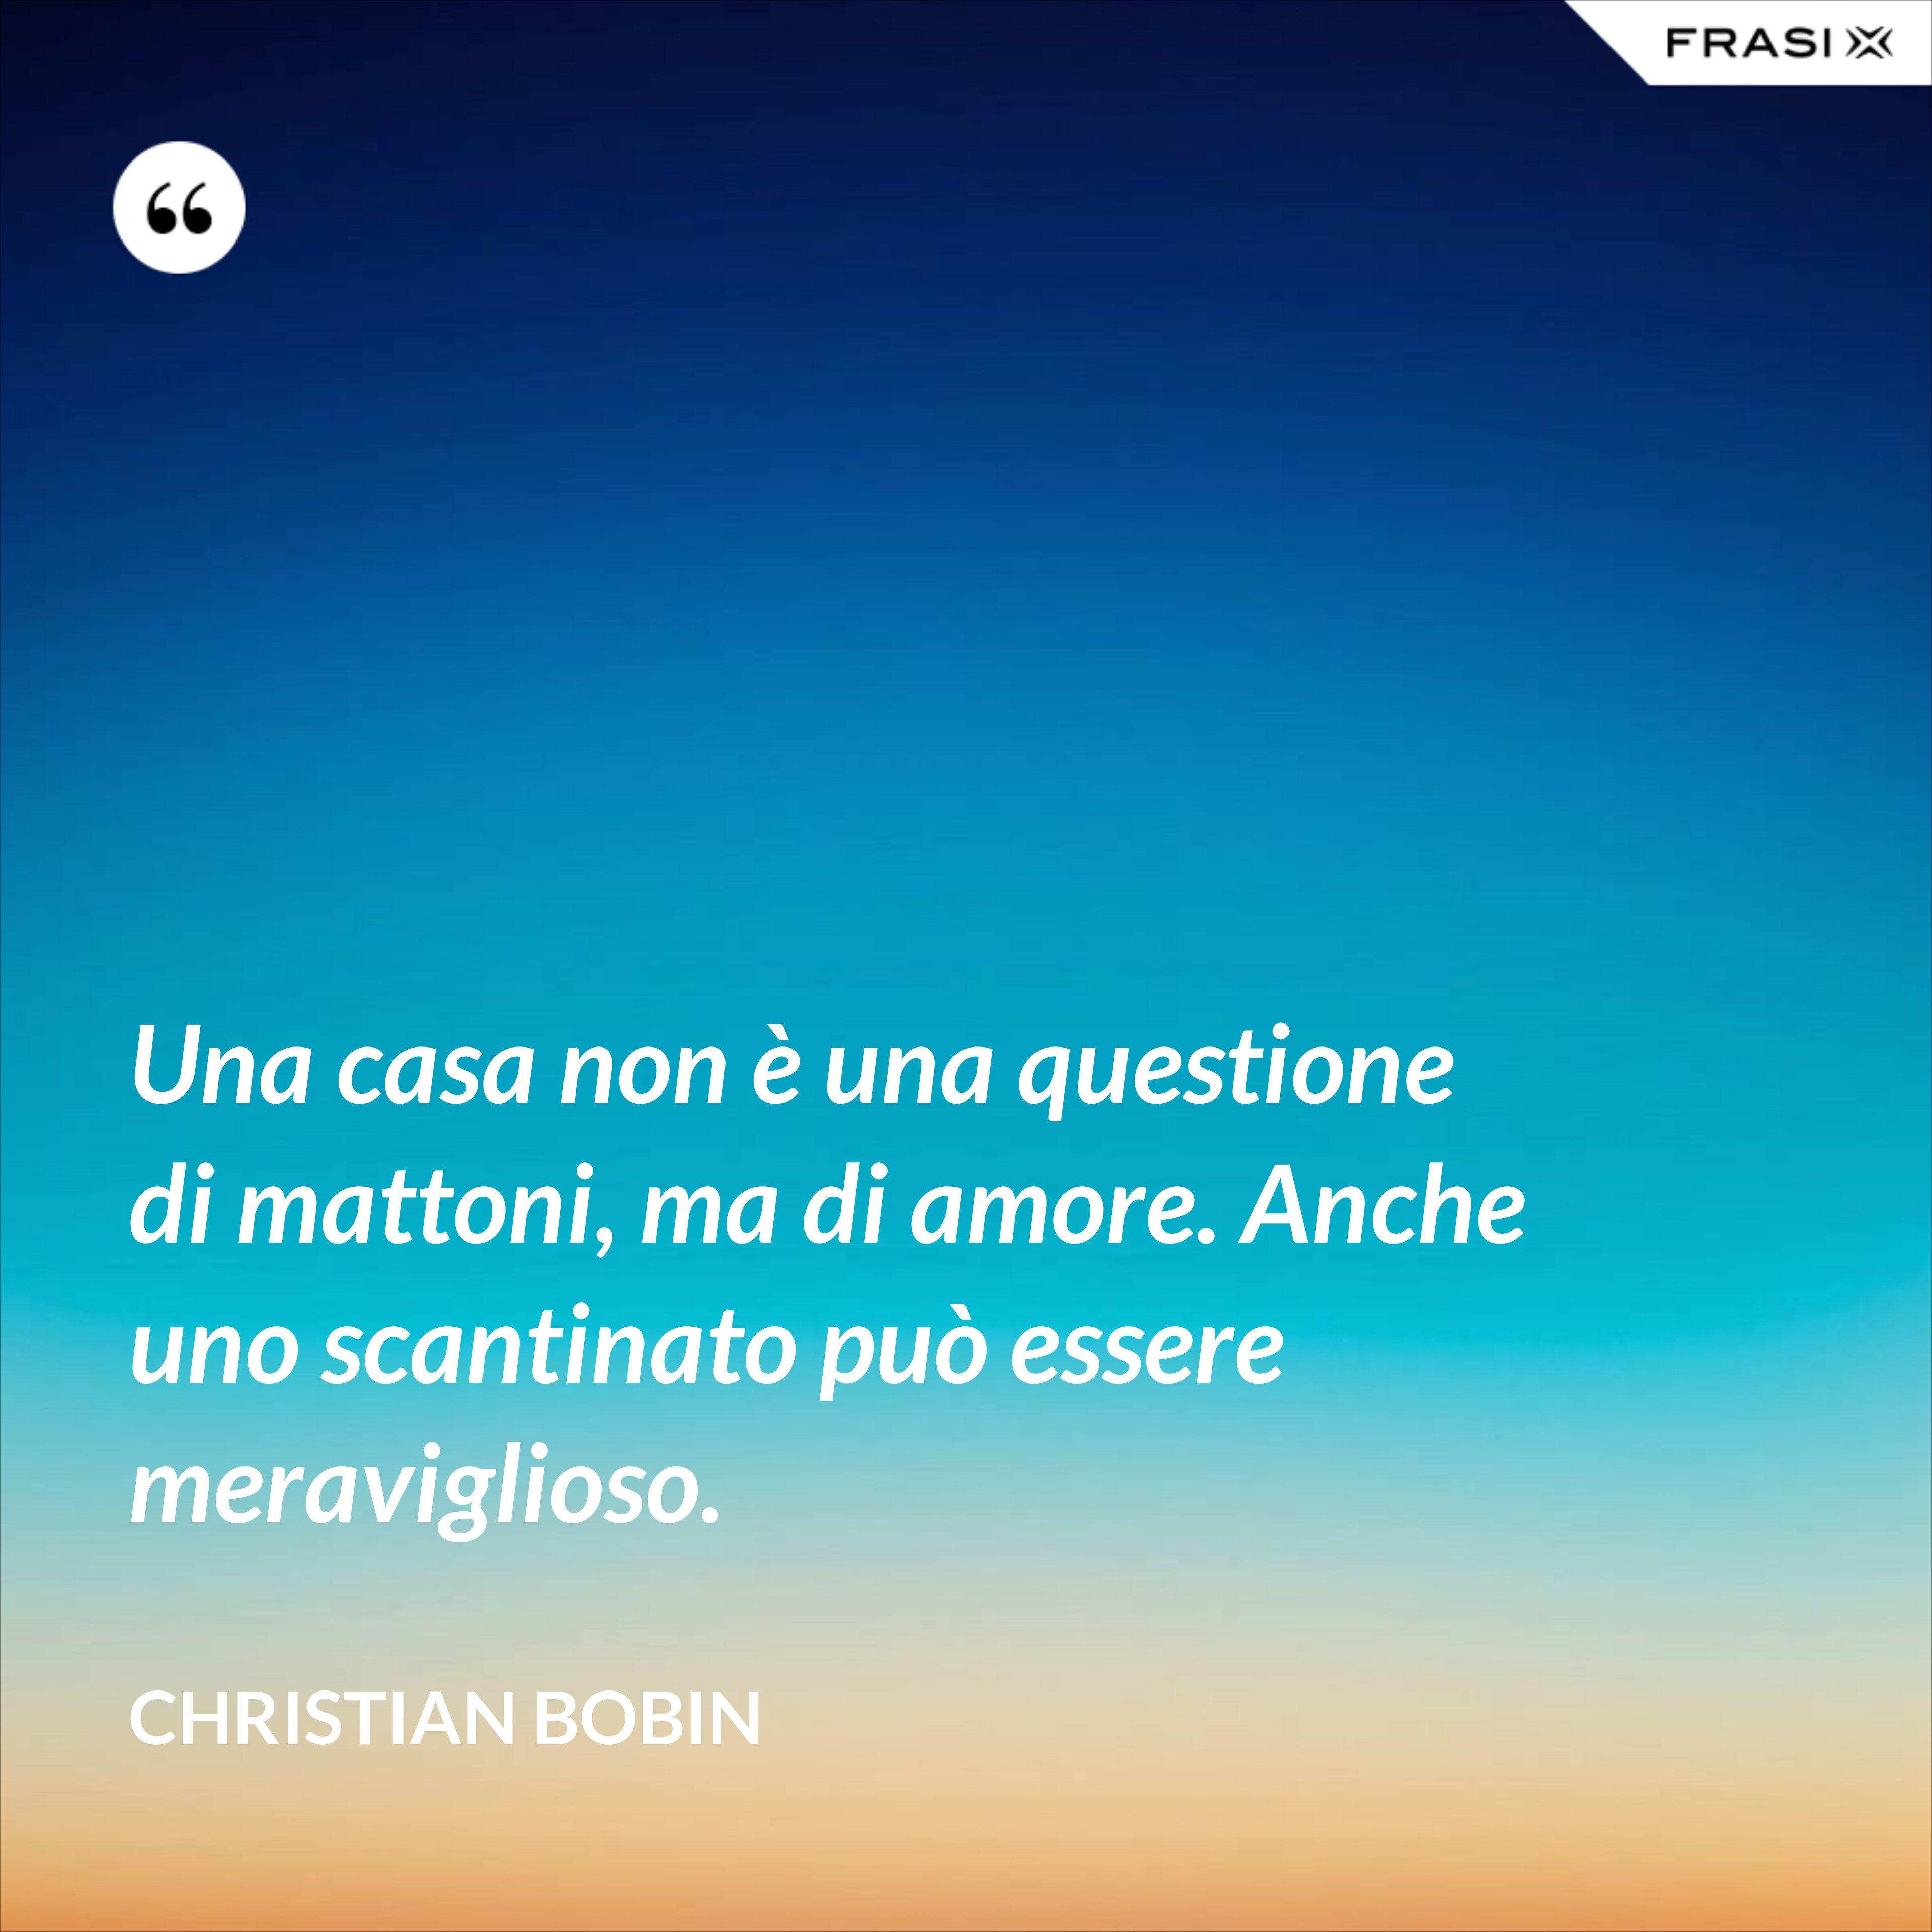 Una casa non è una questione di mattoni, ma di amore. Anche uno scantinato può essere meraviglioso. - Christian Bobin